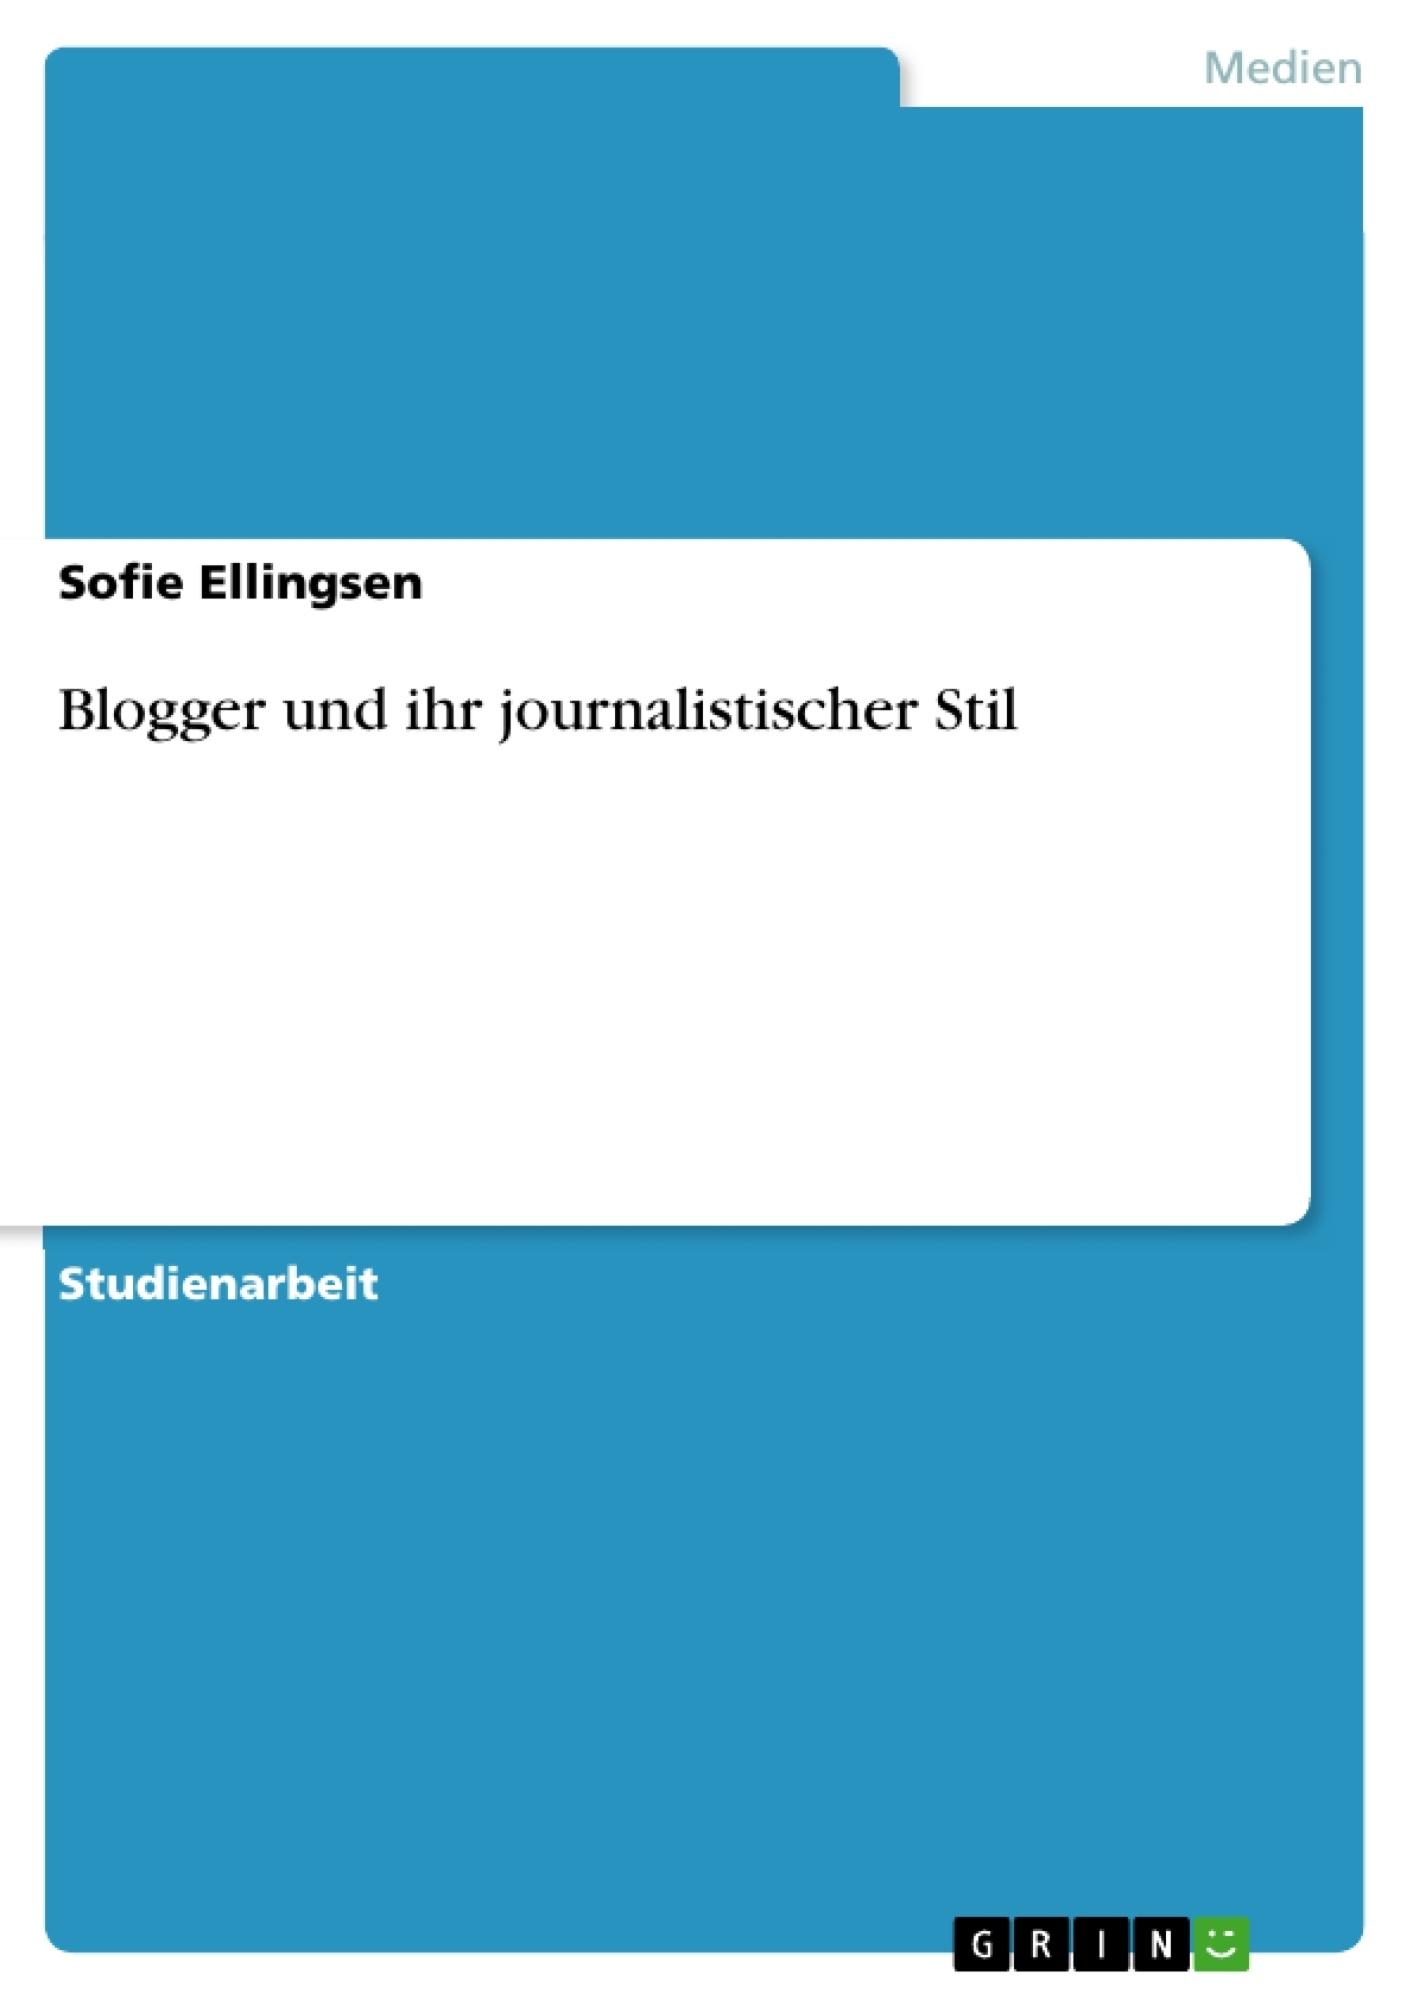 Titel: Blogger und ihr journalistischer Stil